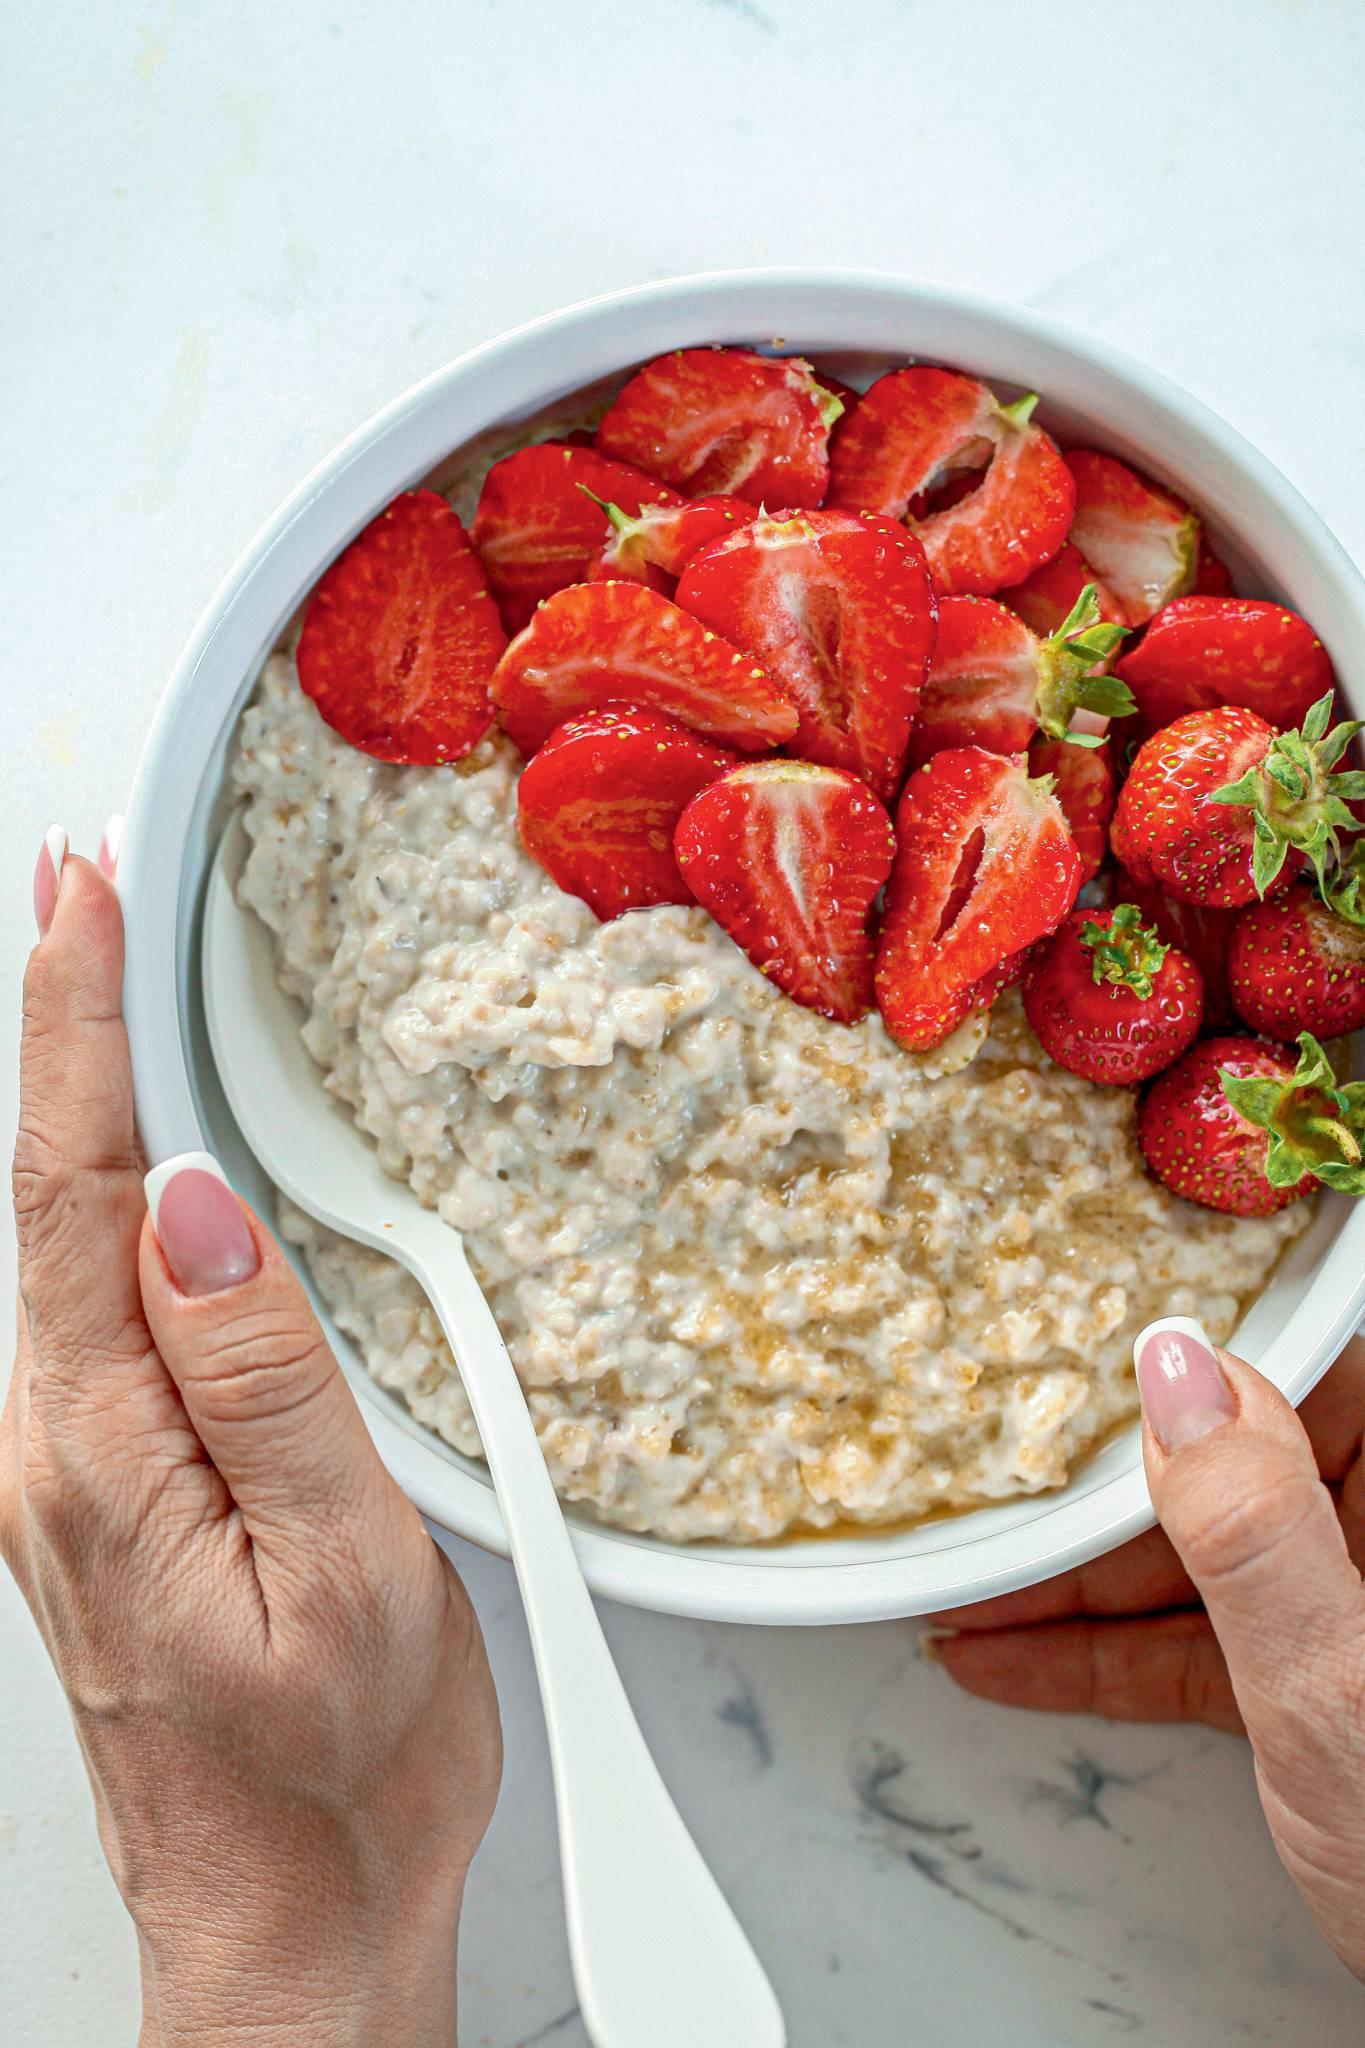 Wegańskie śniadanie u Olgi i Weroniki Smile. 3 niezwykłe przepisy